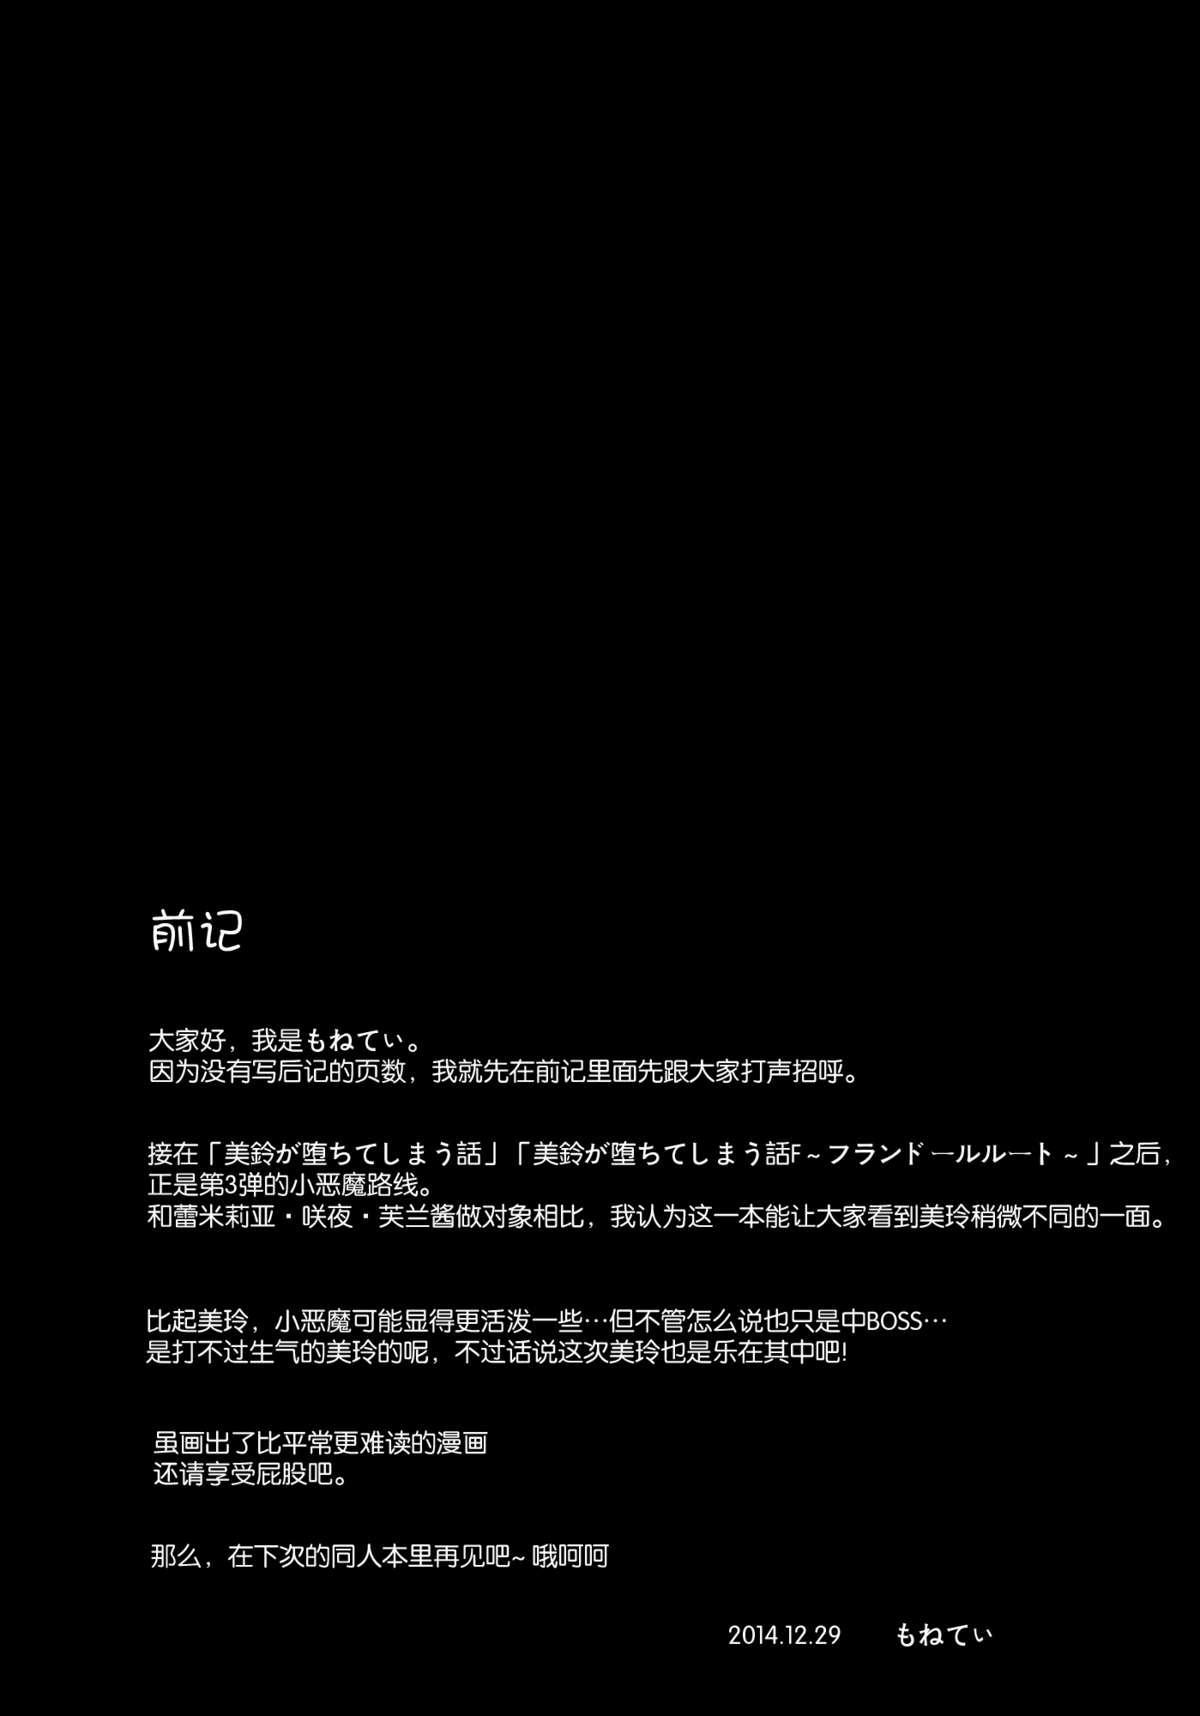 Meiling ga Ochite Shimau Hanashi K 2